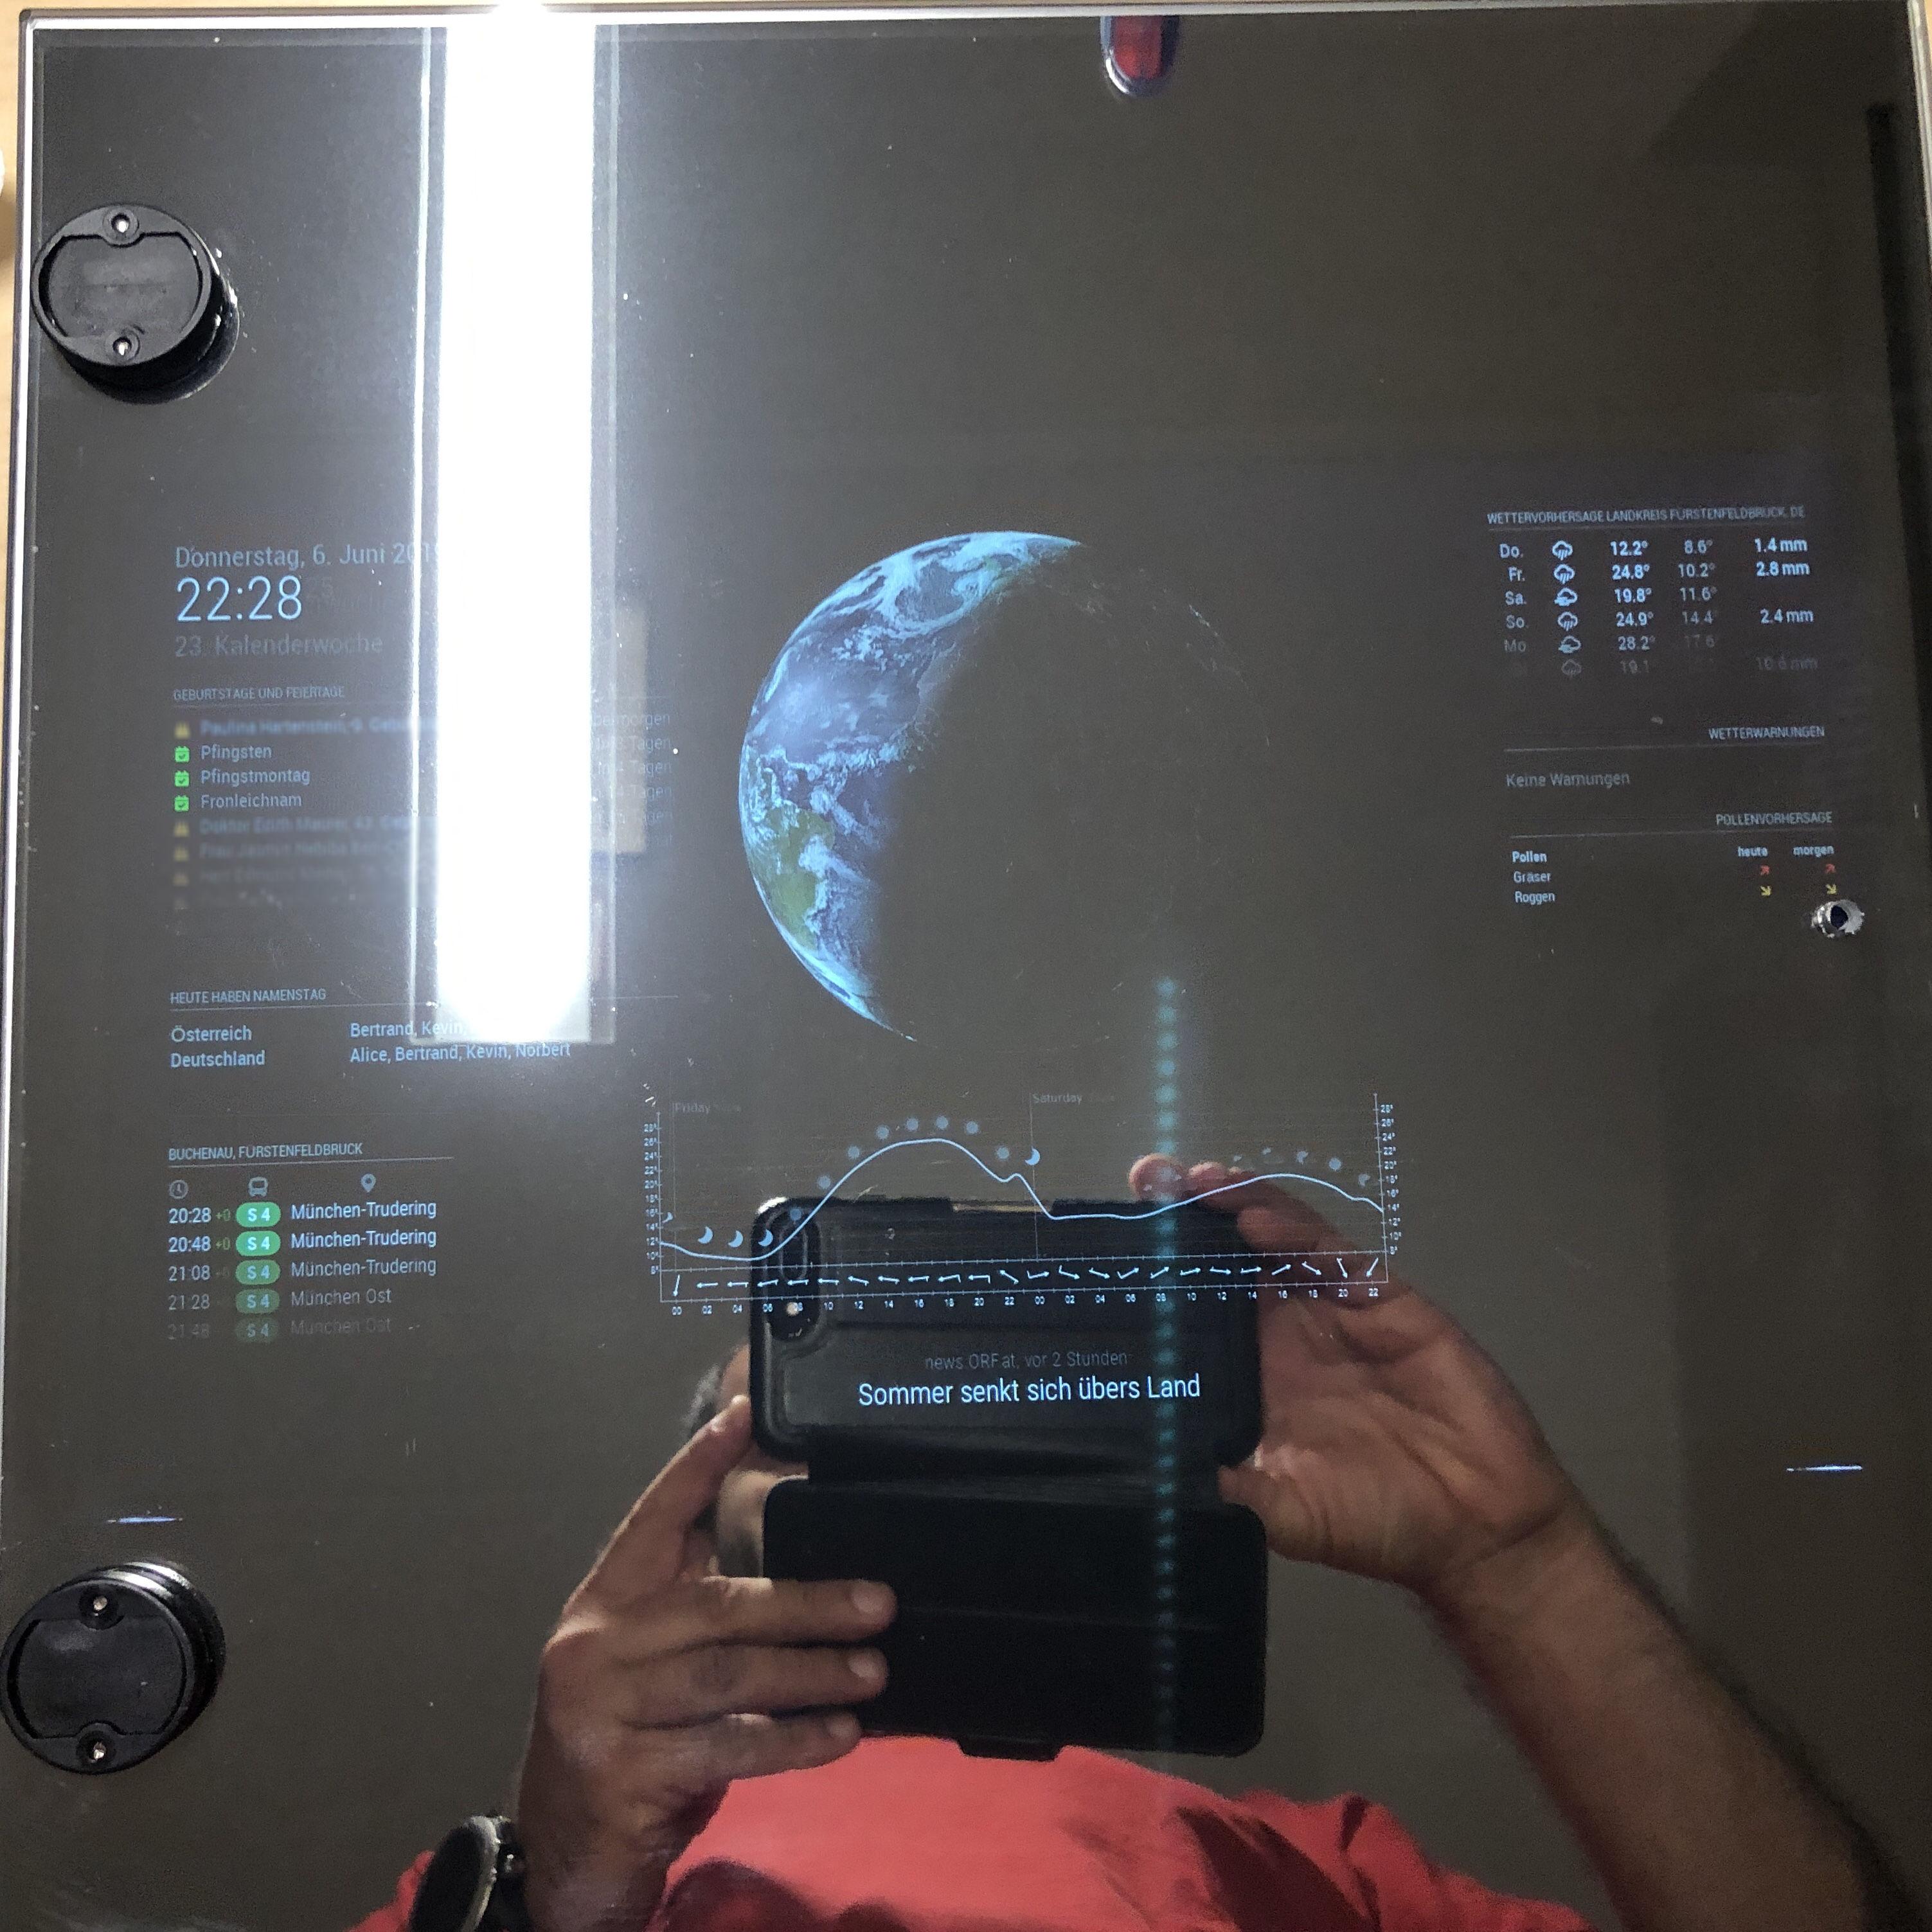 Erster Displays-Test mit Vitrinentür und Spiegelfolie